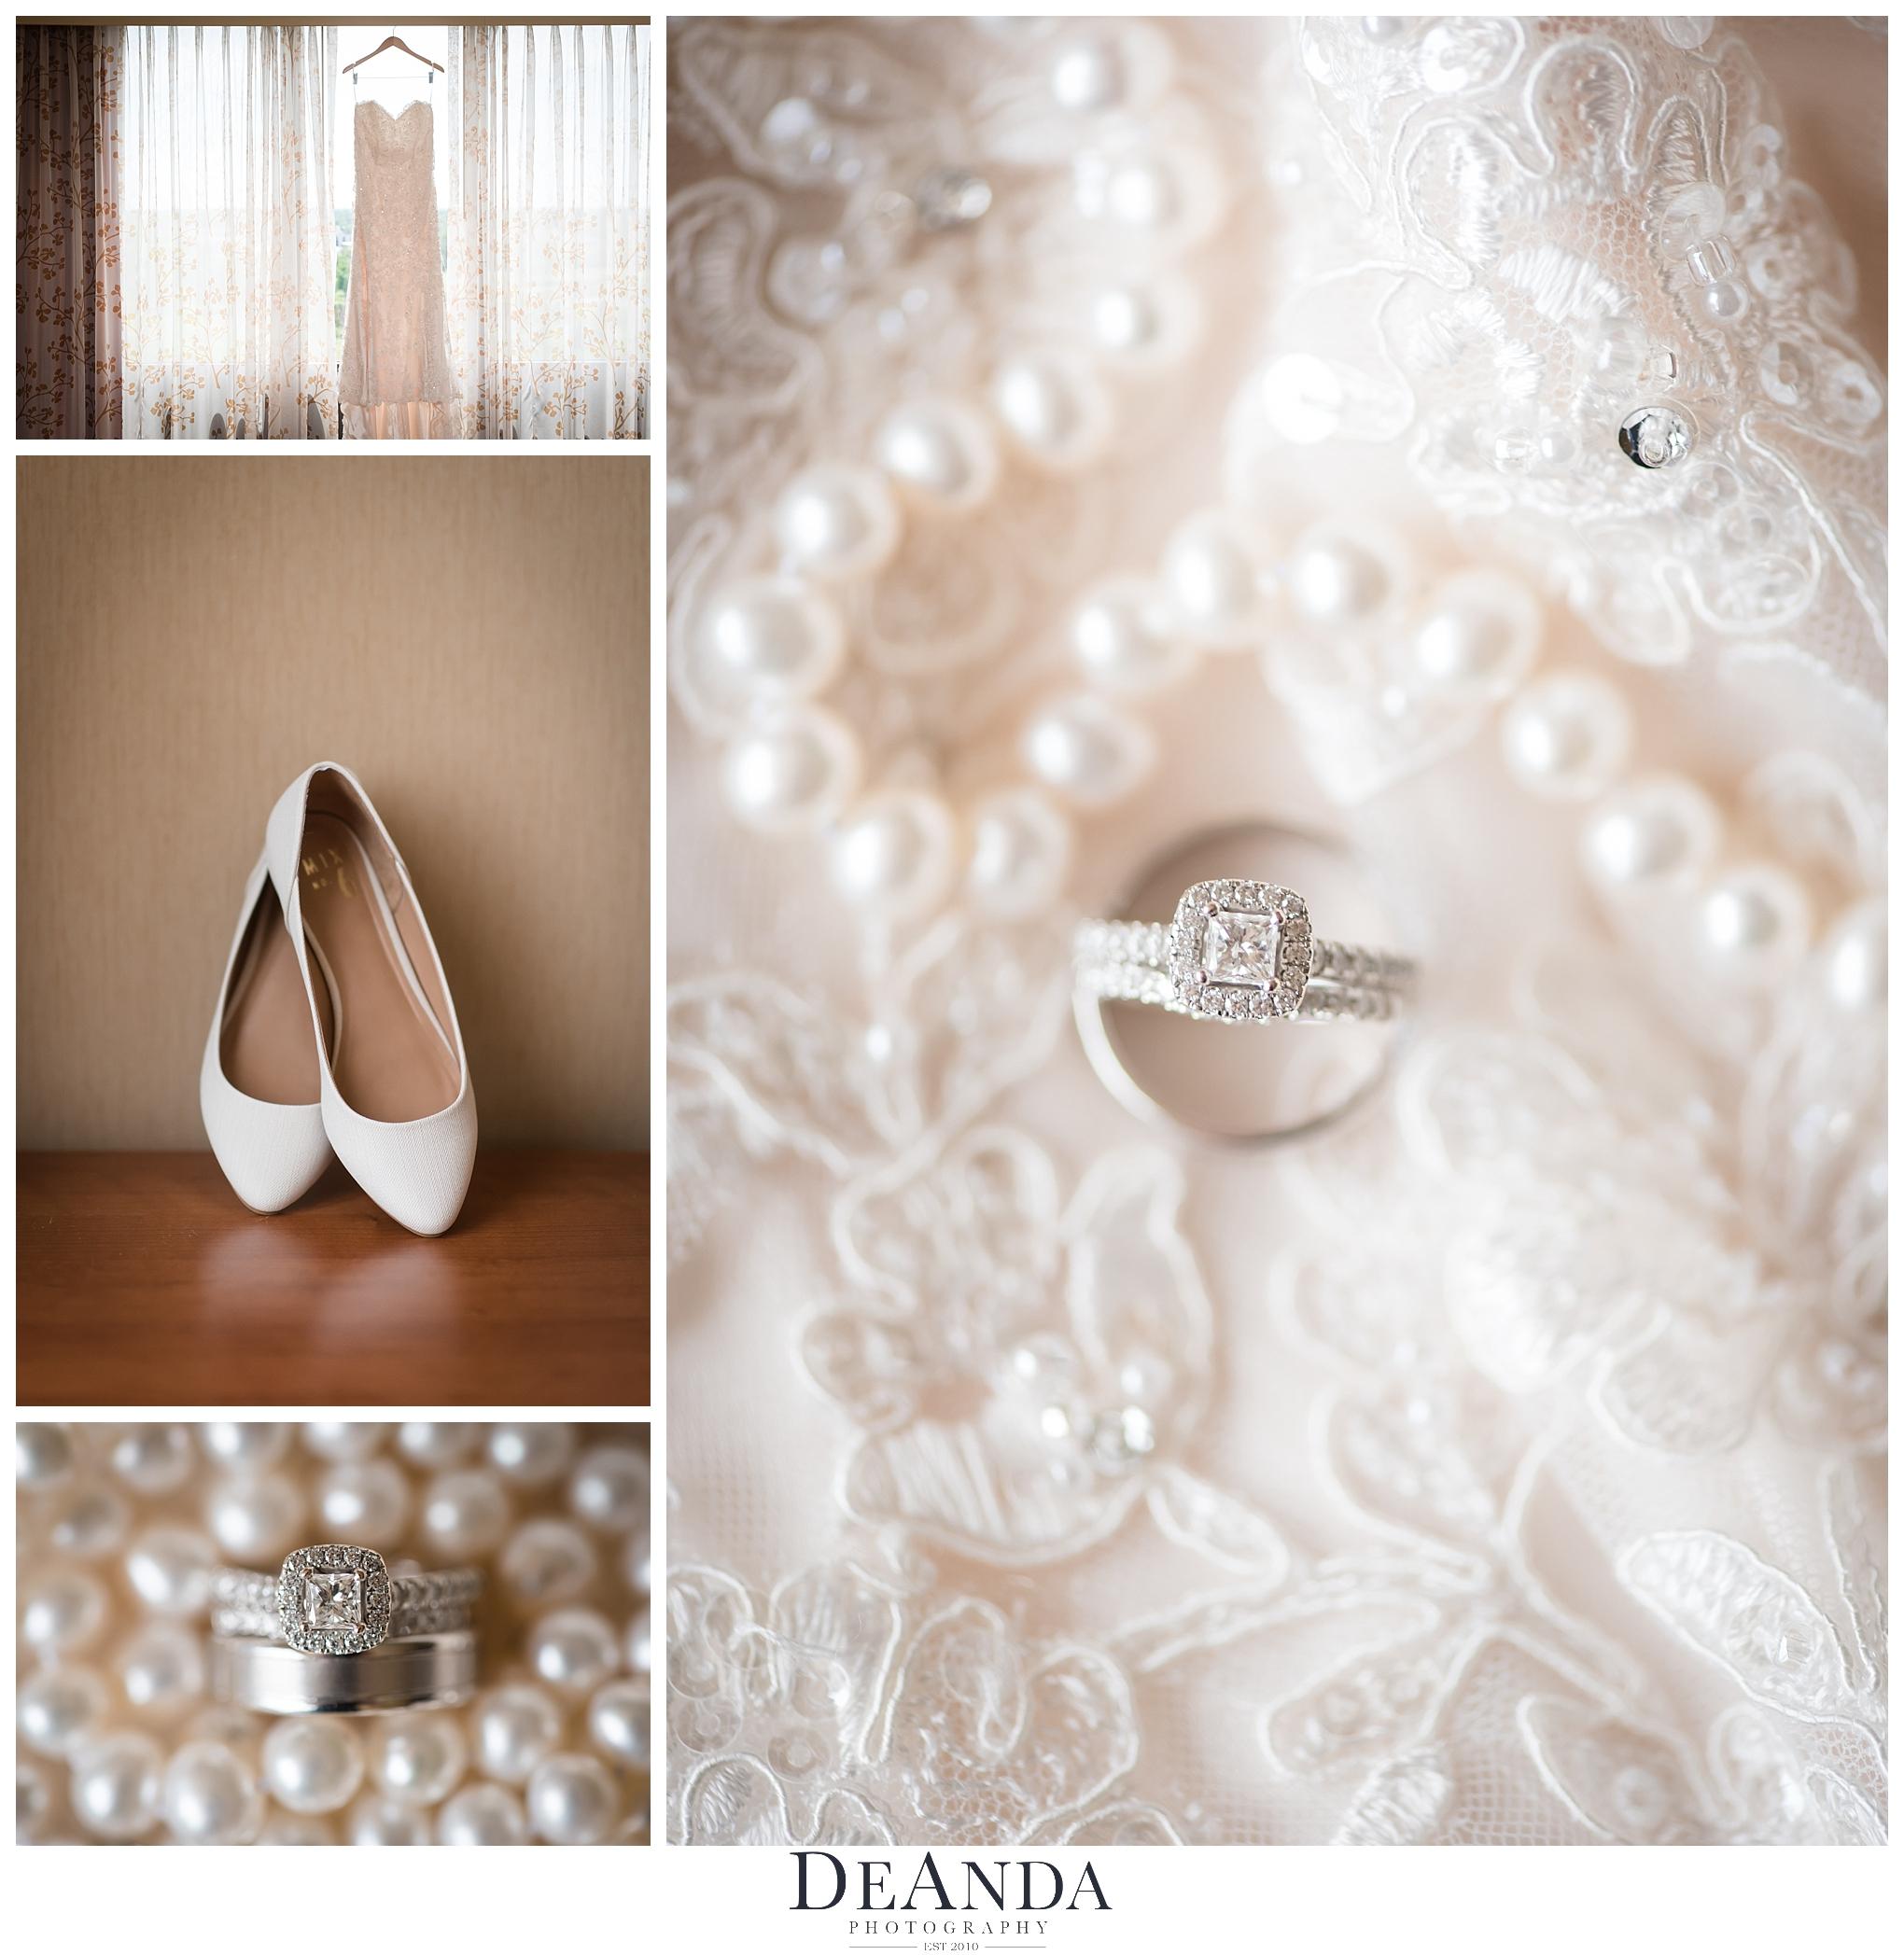 bride detail images